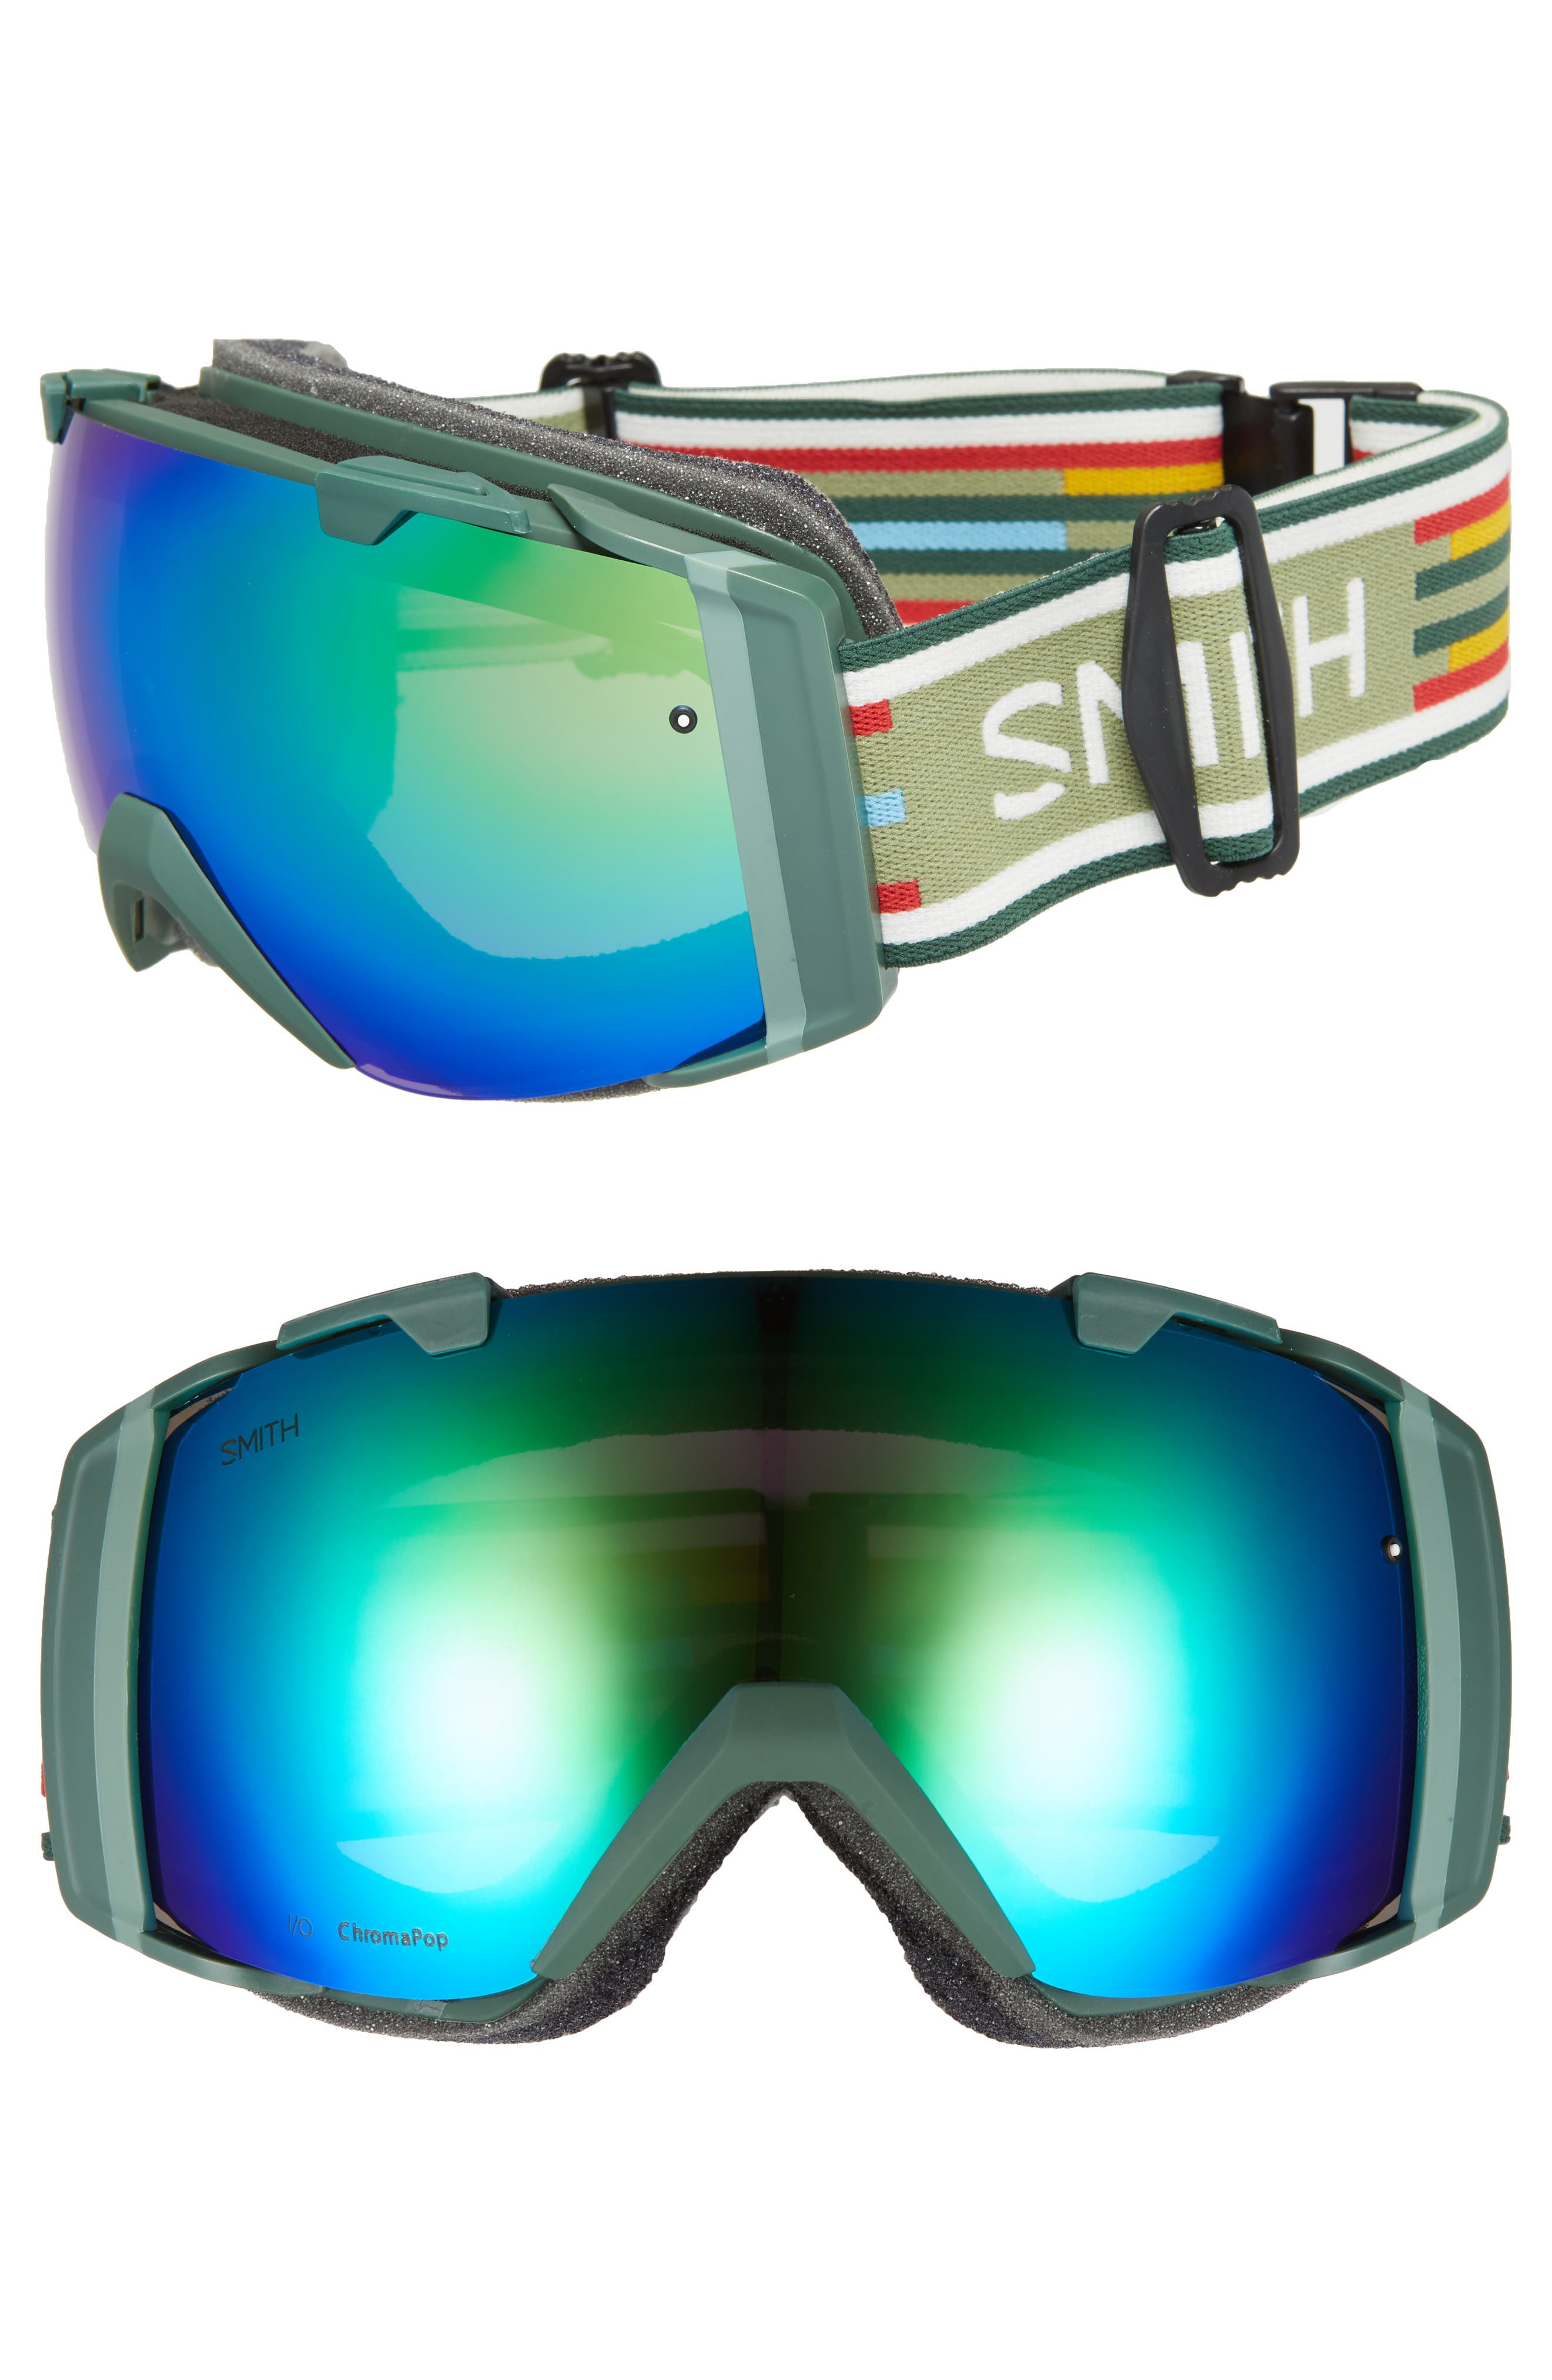 Main Image - Smith I/O 205mm Snow Goggles